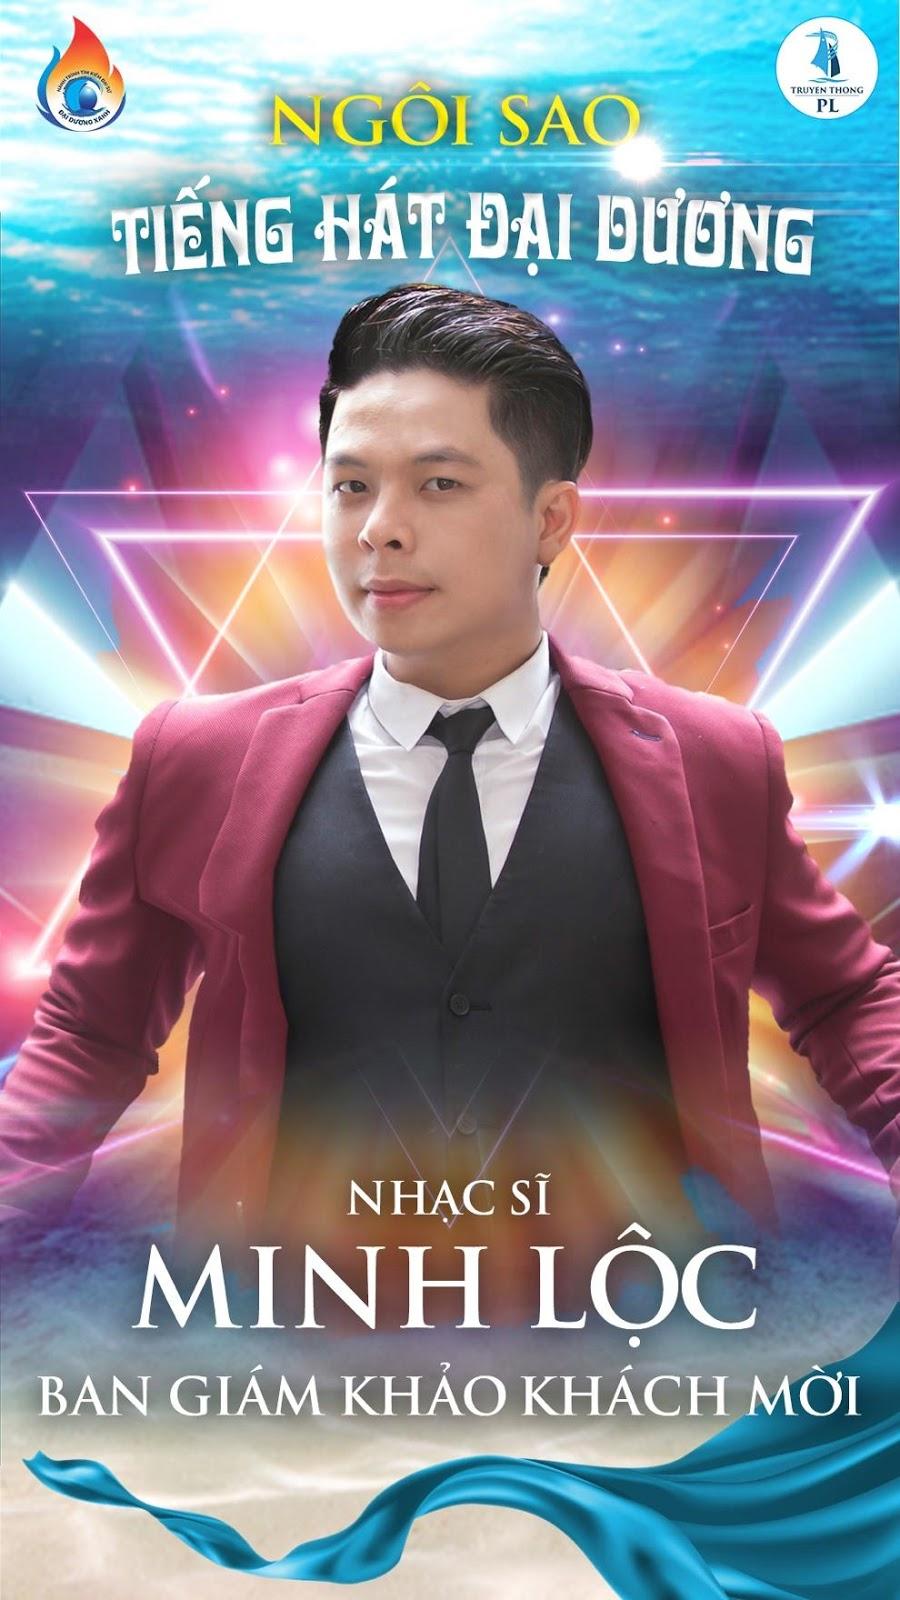 """Nhạc sĩ – Giảng viên Minh Lộc làm BGK khách mời """"Ngôi sao tiếng hát Đại Dương 2019"""" - Ảnh 5"""